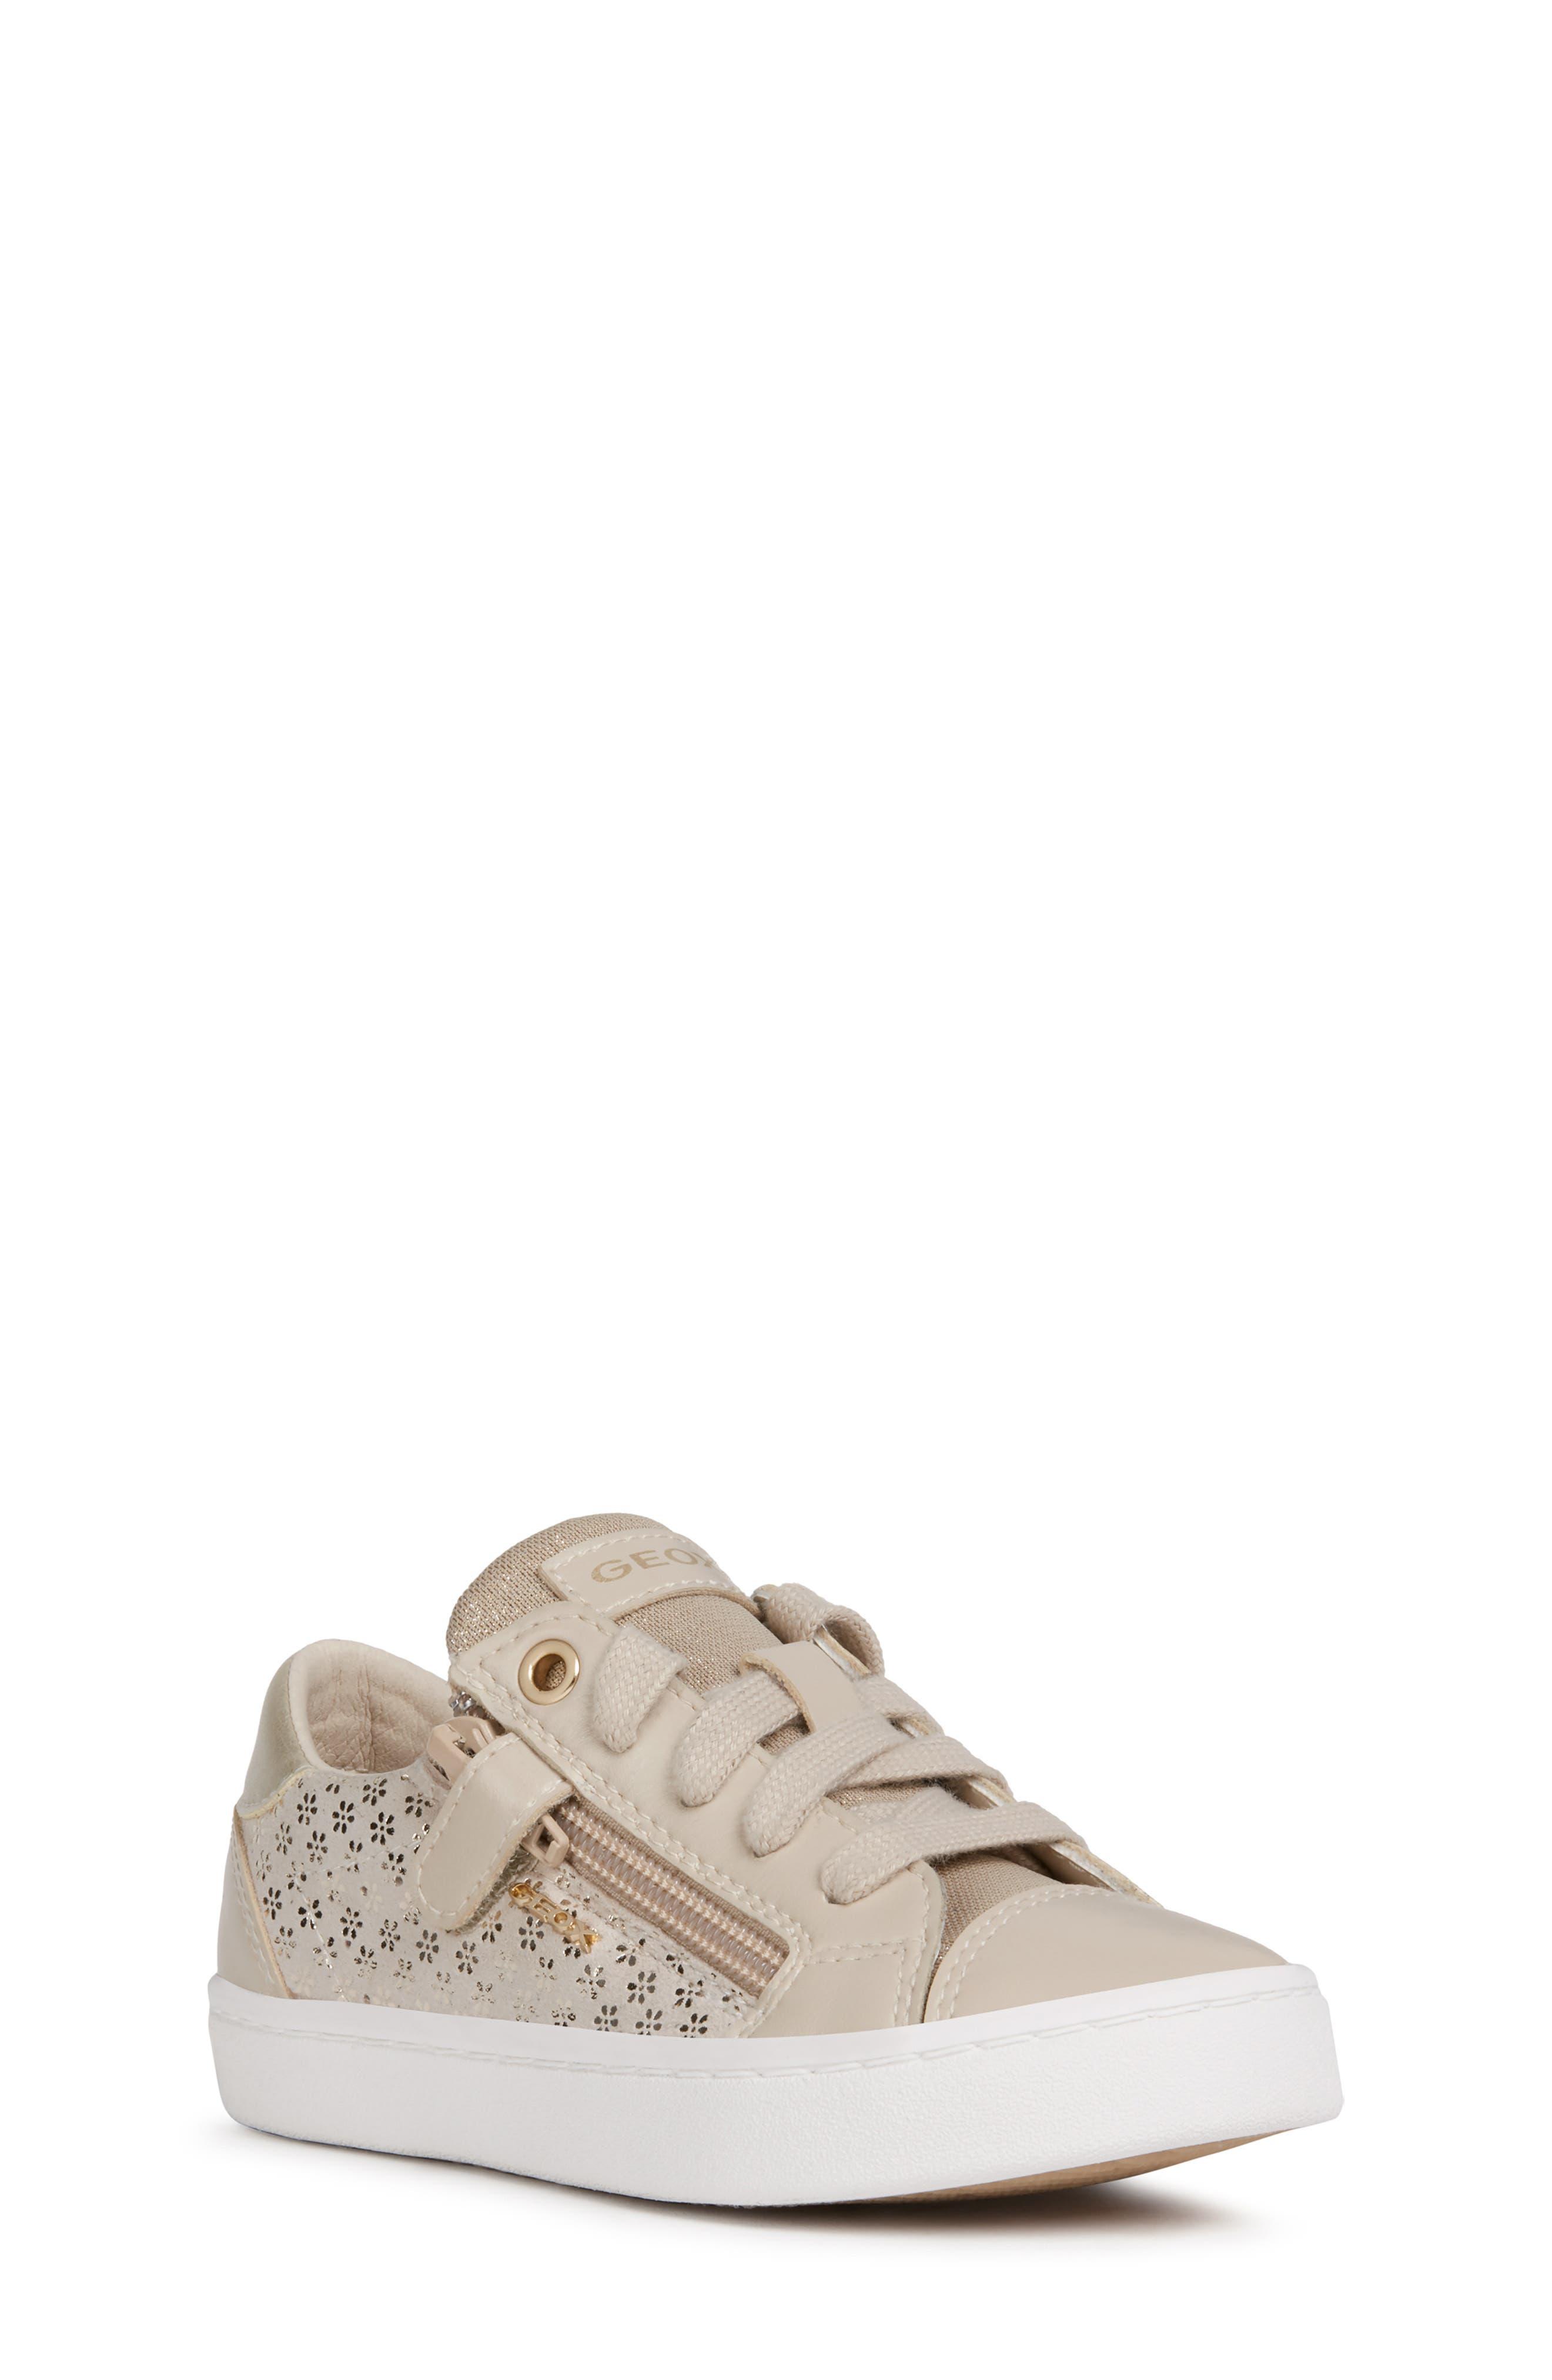 Geox Baby Girls' B Kilwi Low-Top Sneakers